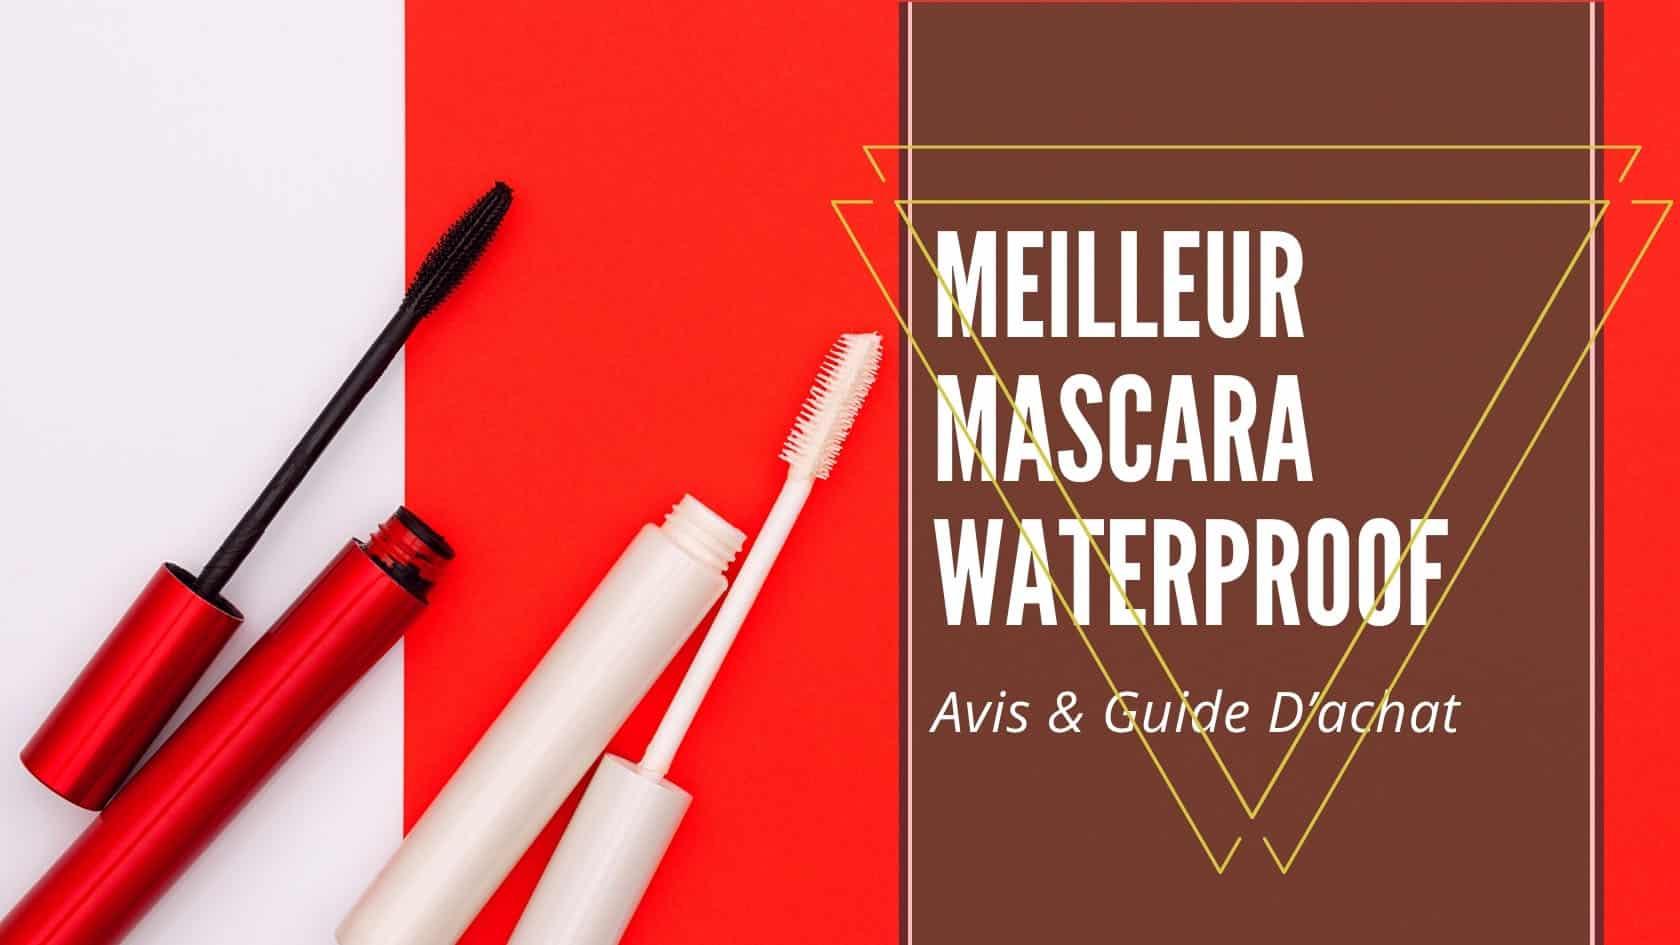 Meilleur Mascara Waterproof